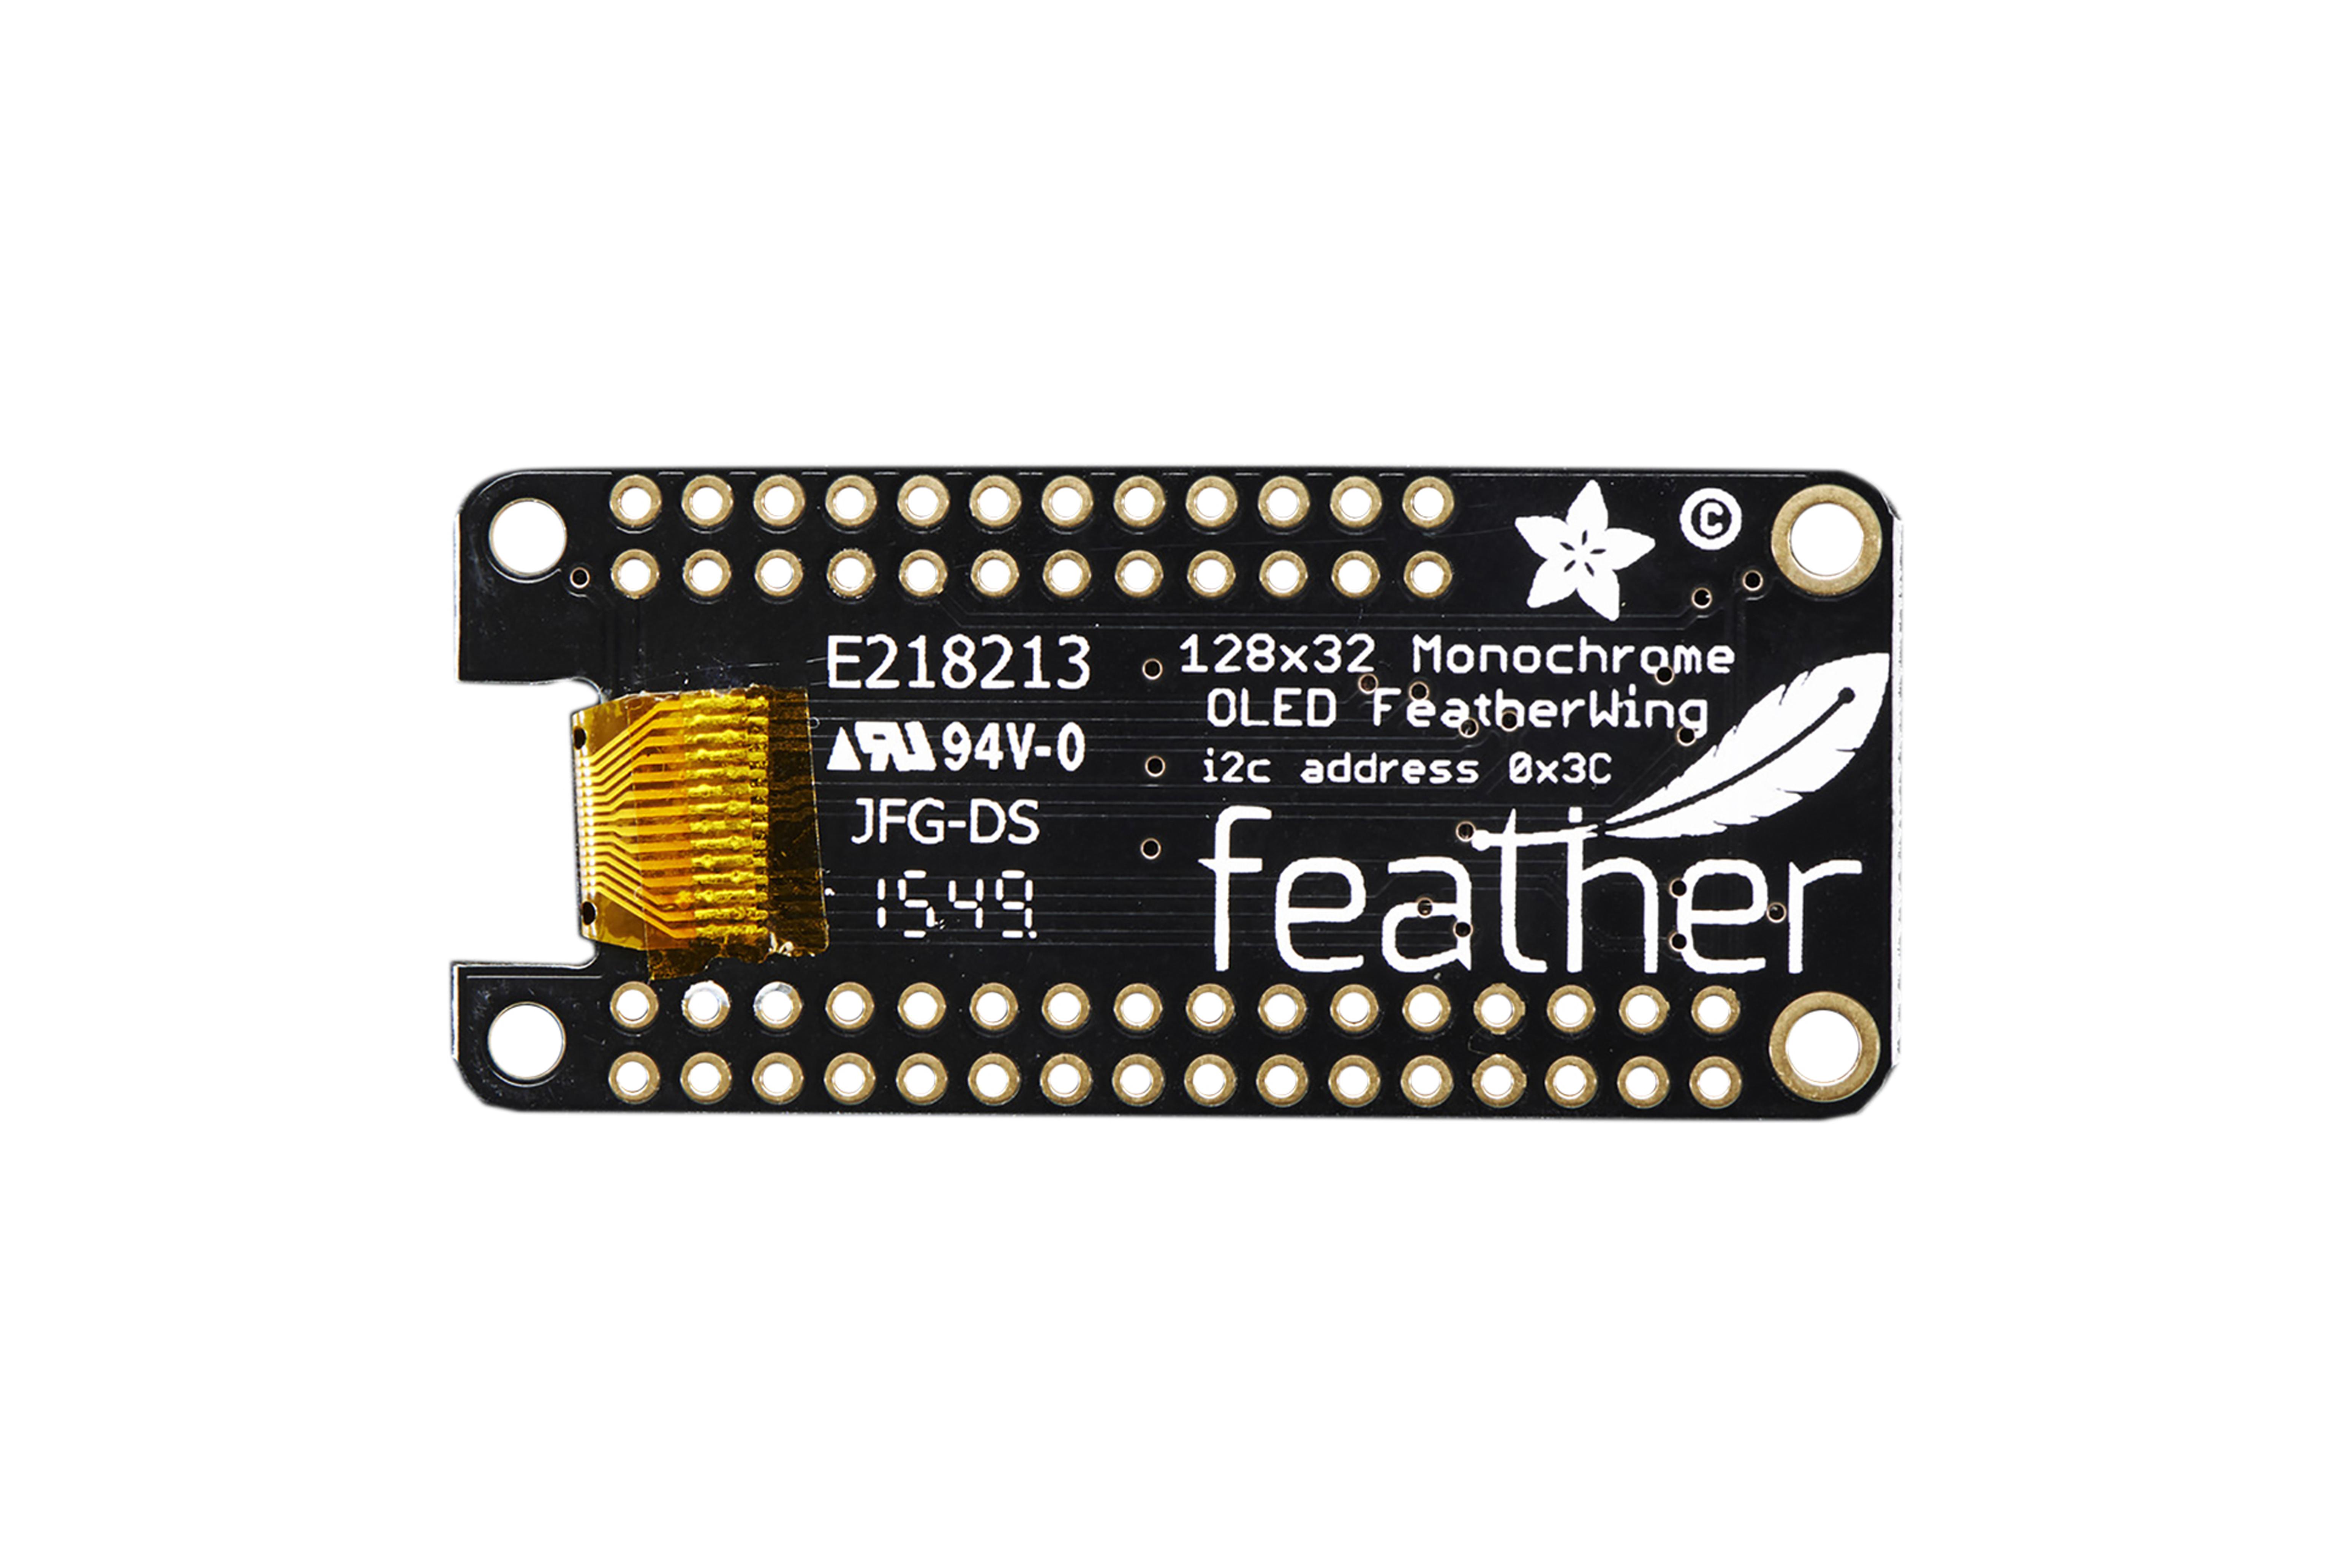 FeatherWing 128x32 OLEDアドオンボード